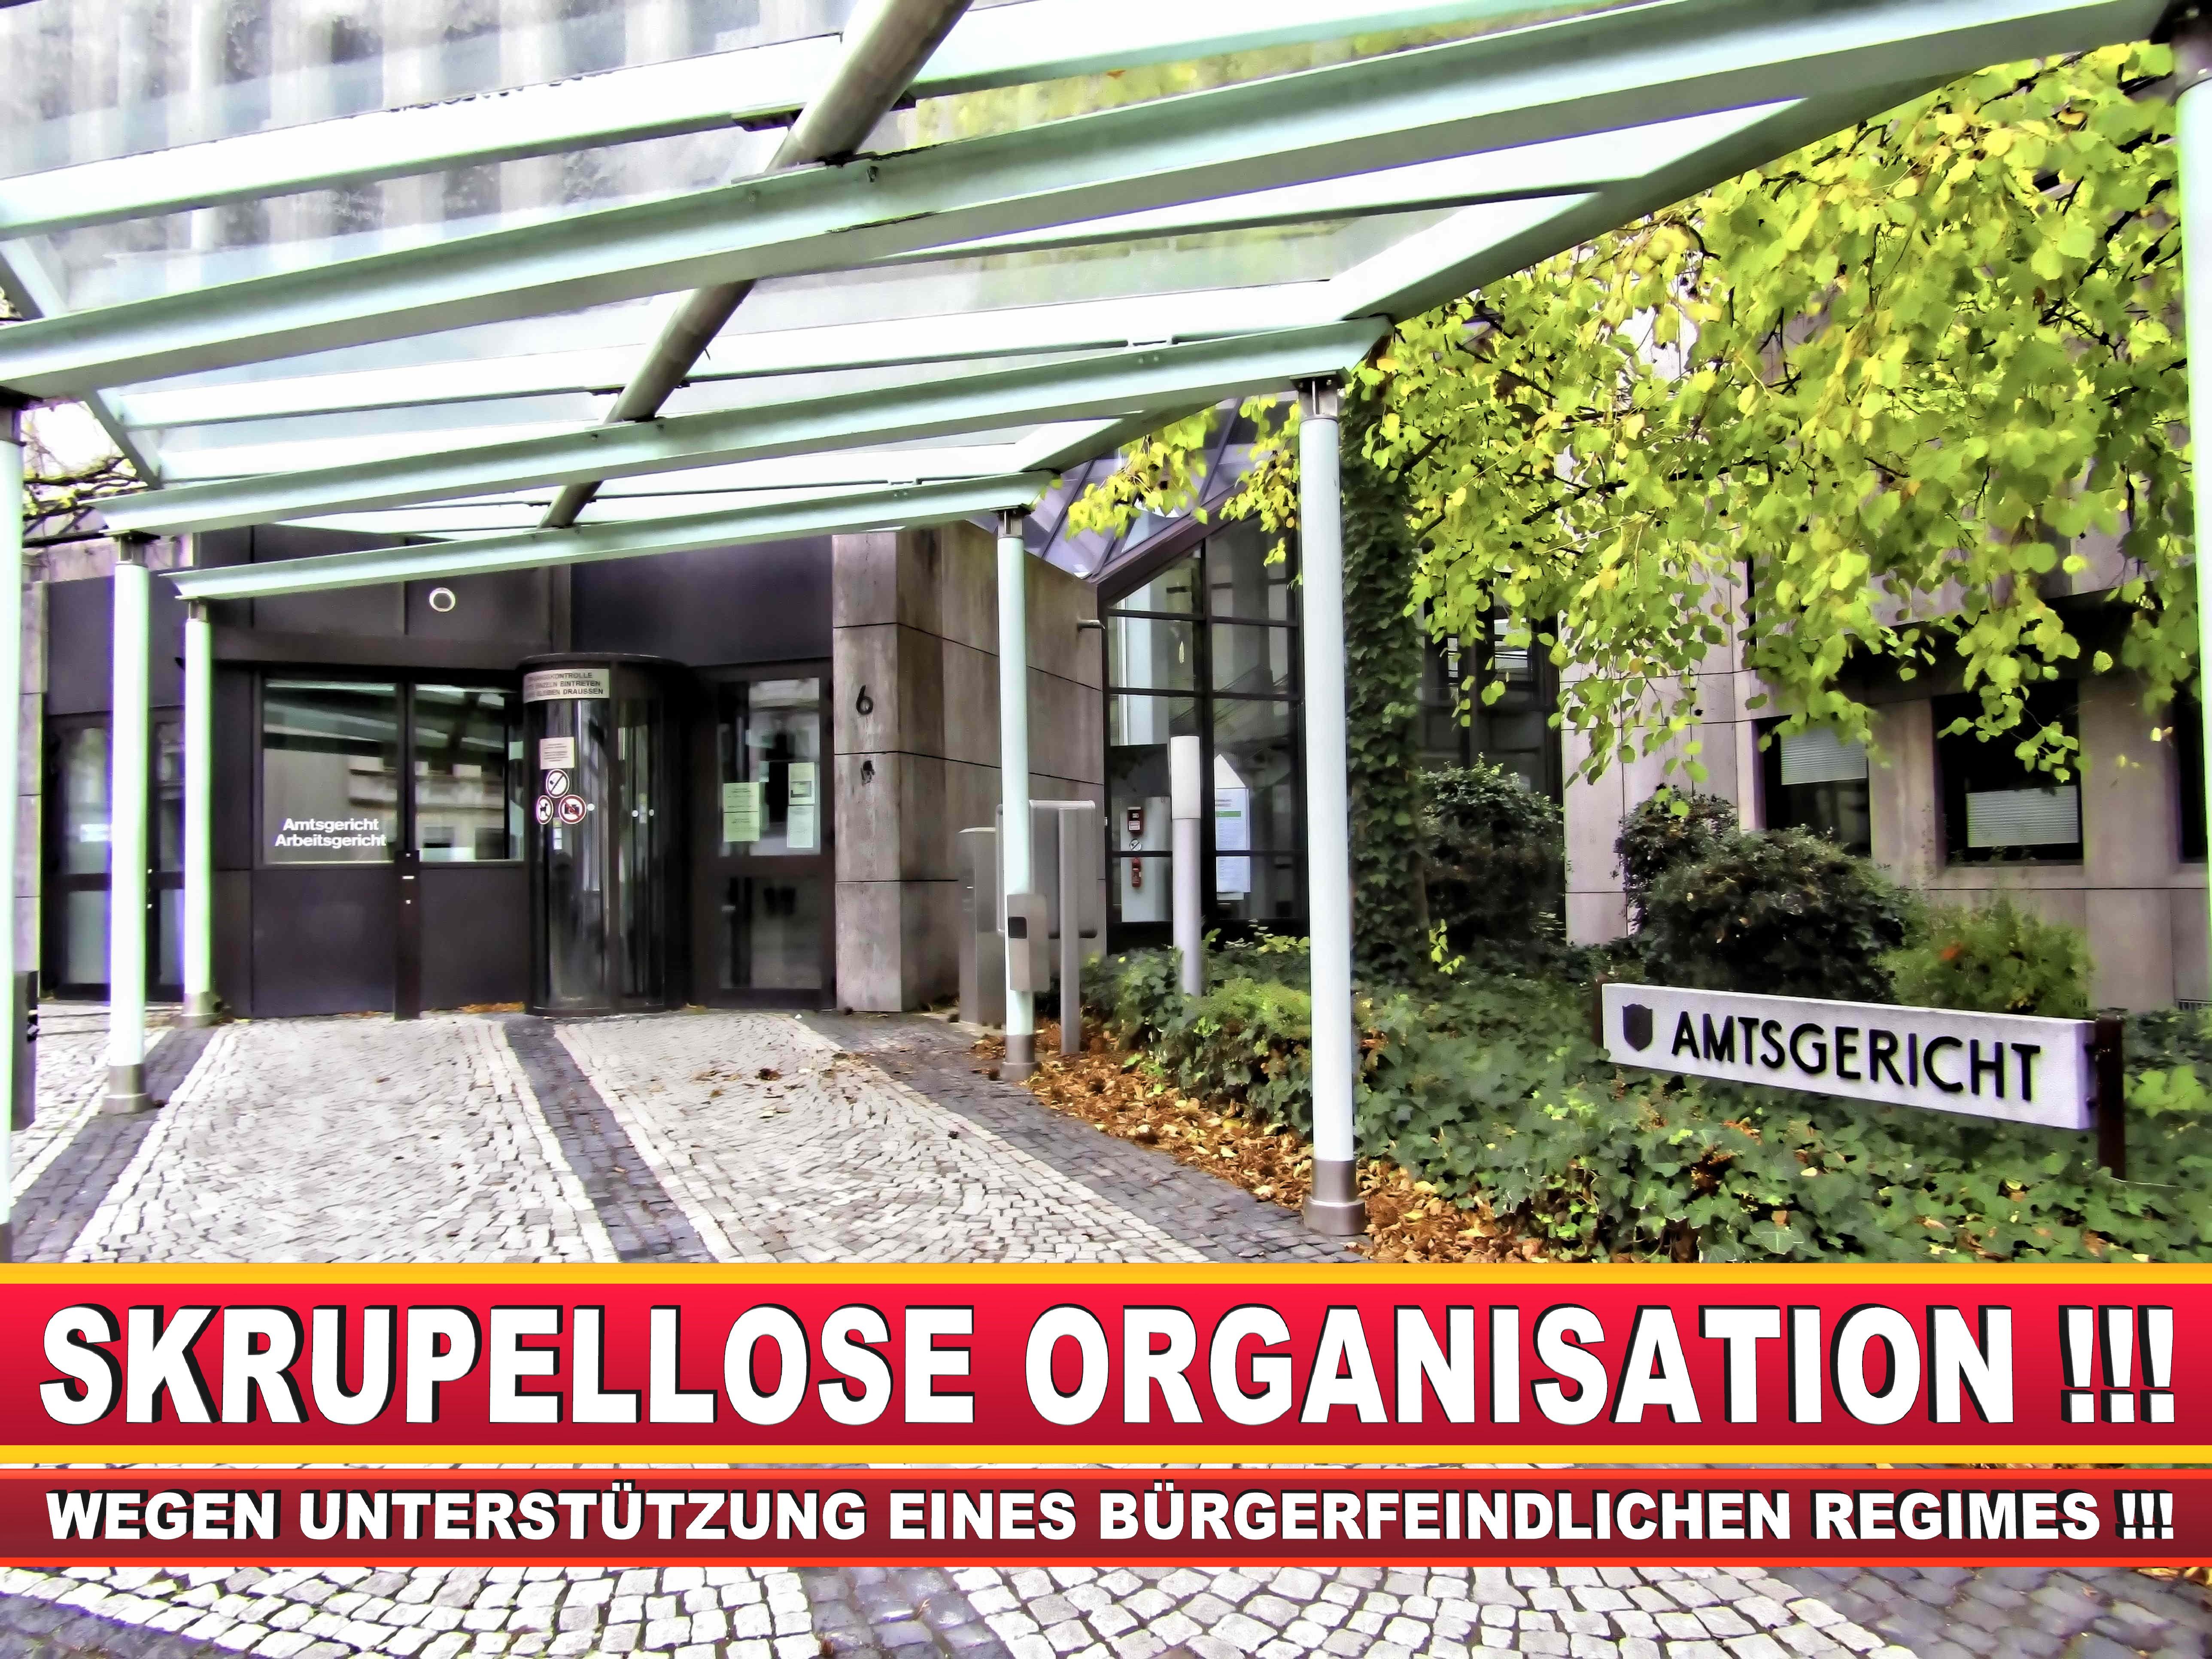 AMTSGERICHT LANDGERICHT STAATSANWALTSCHAFT BIELEFELD BEHöRDEN NRW ARBEITSGERICHT SOZIALGERICHT VERWALTUNGSGERICHT (5)